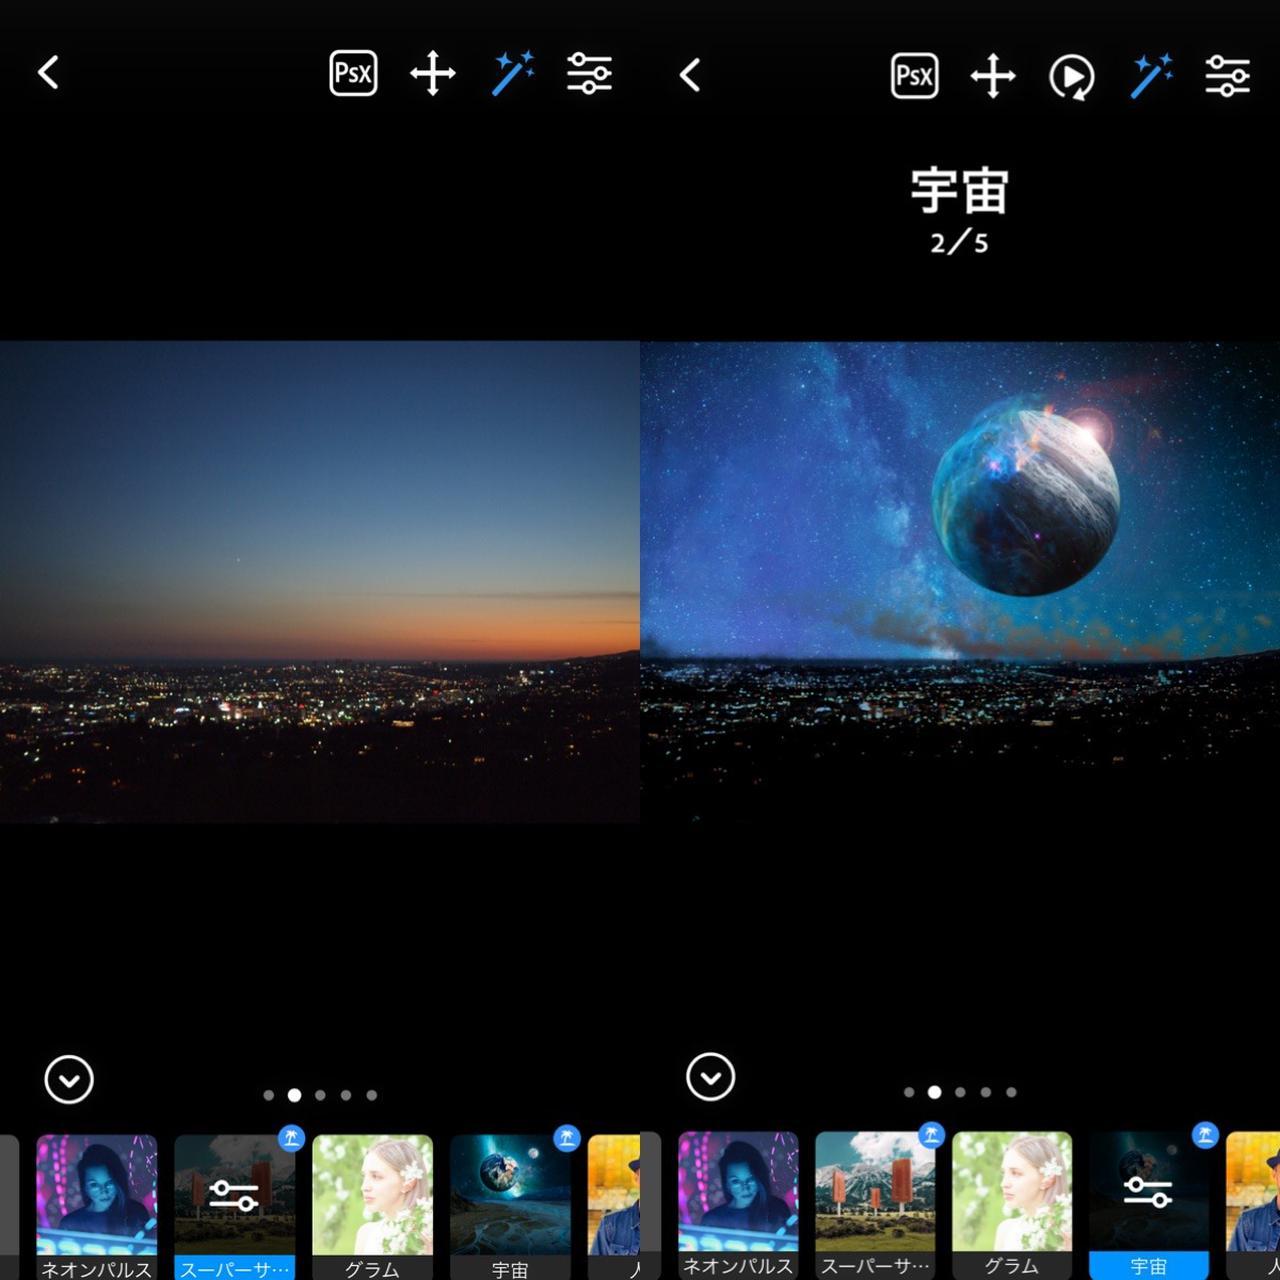 画像3: 空も自然に盛れちゃう!さすがのPhotoshopの技術です。